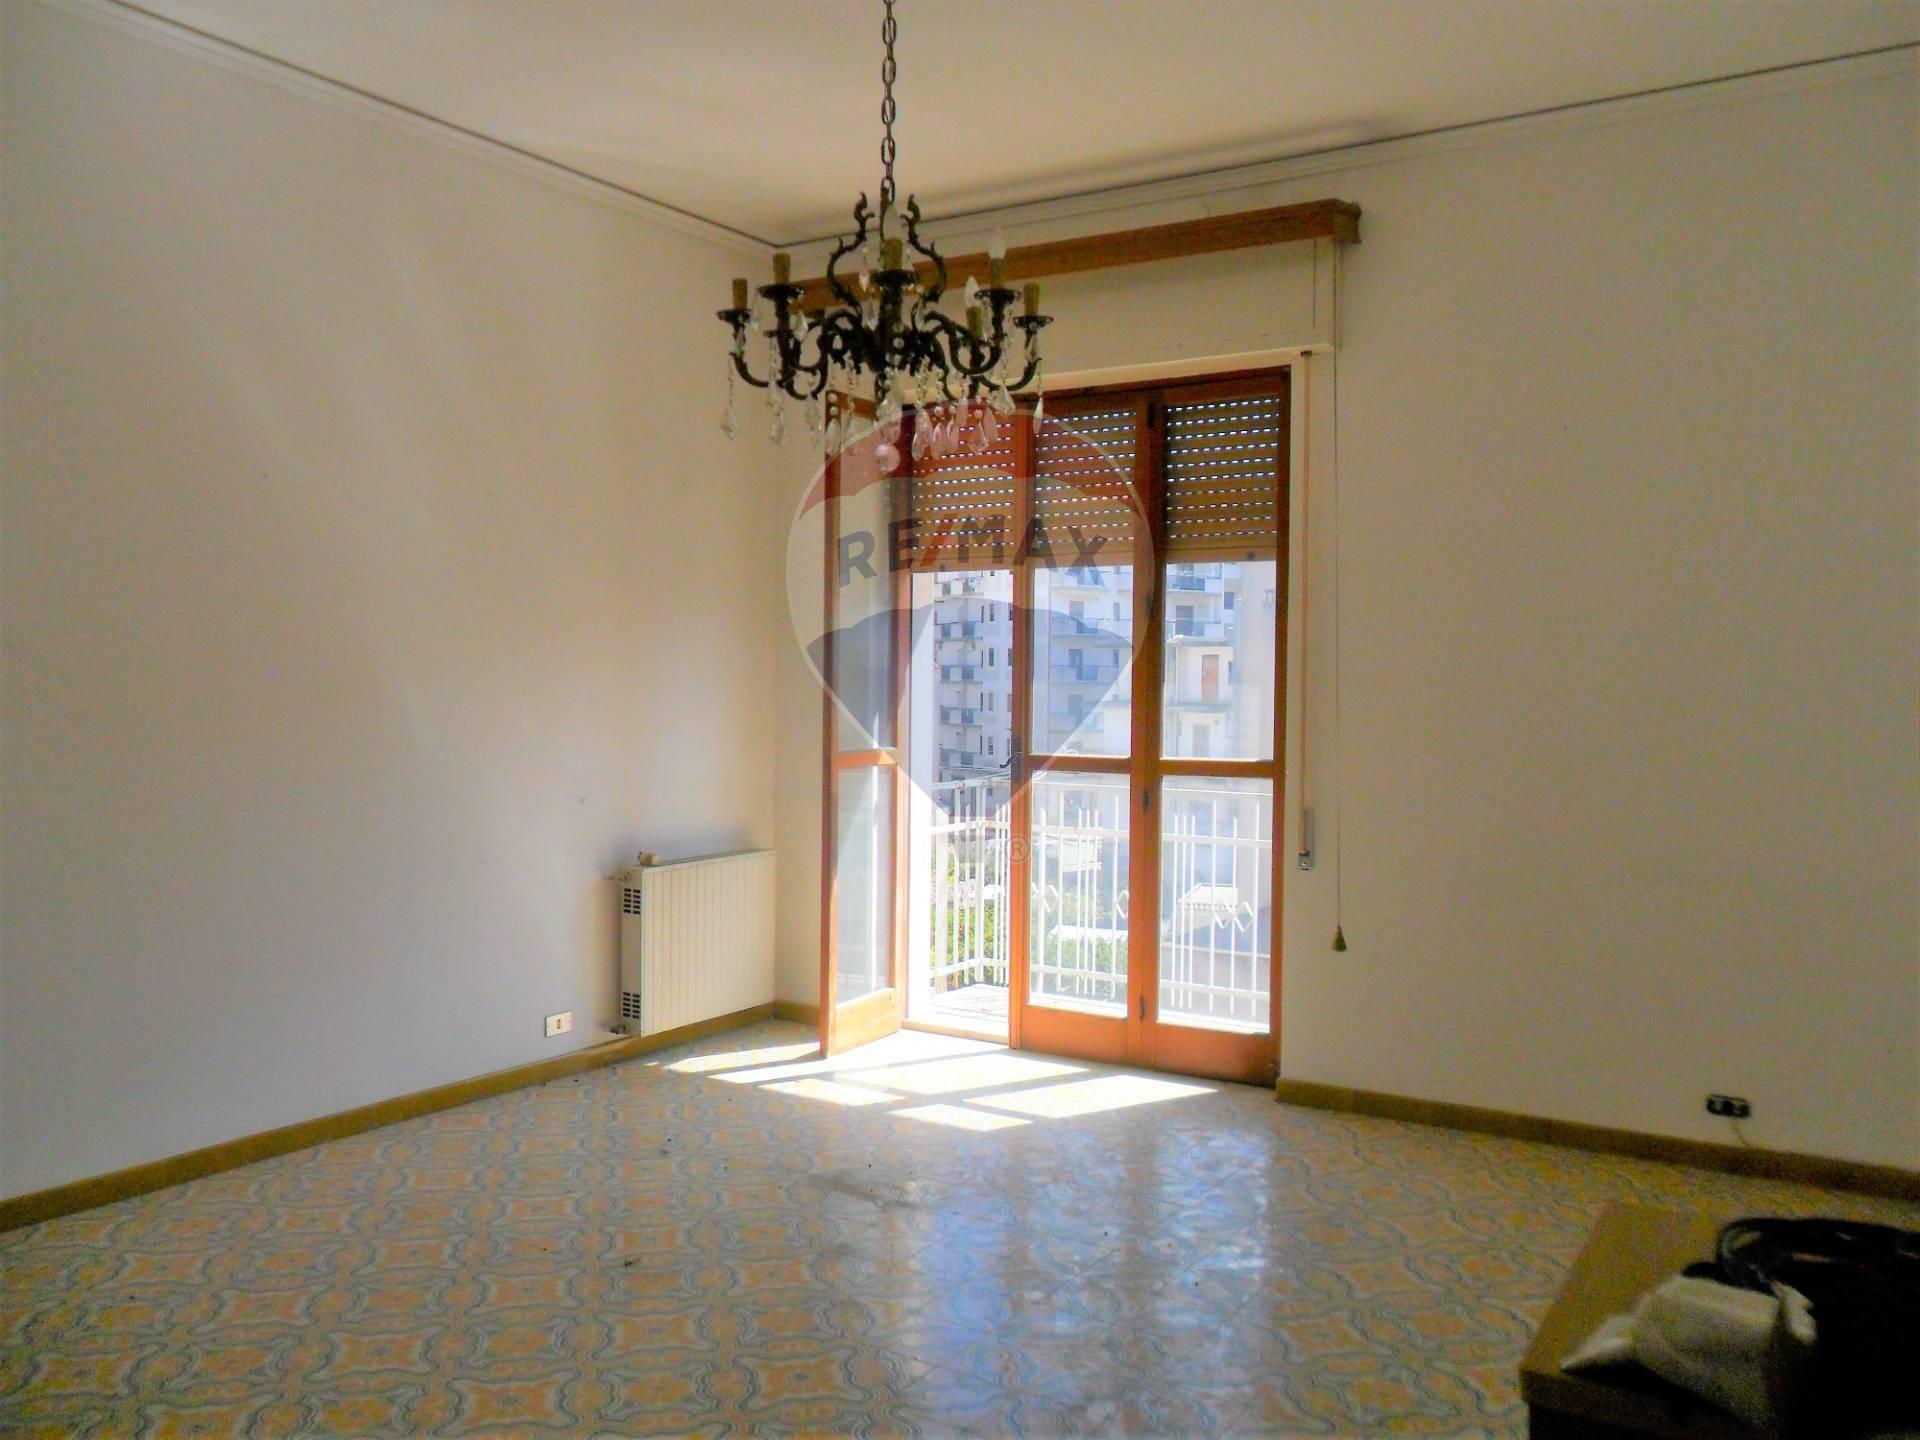 Appartamento in vendita a Modica, 5 locali, zona Località: ModicaSorda, prezzo € 105.000   CambioCasa.it